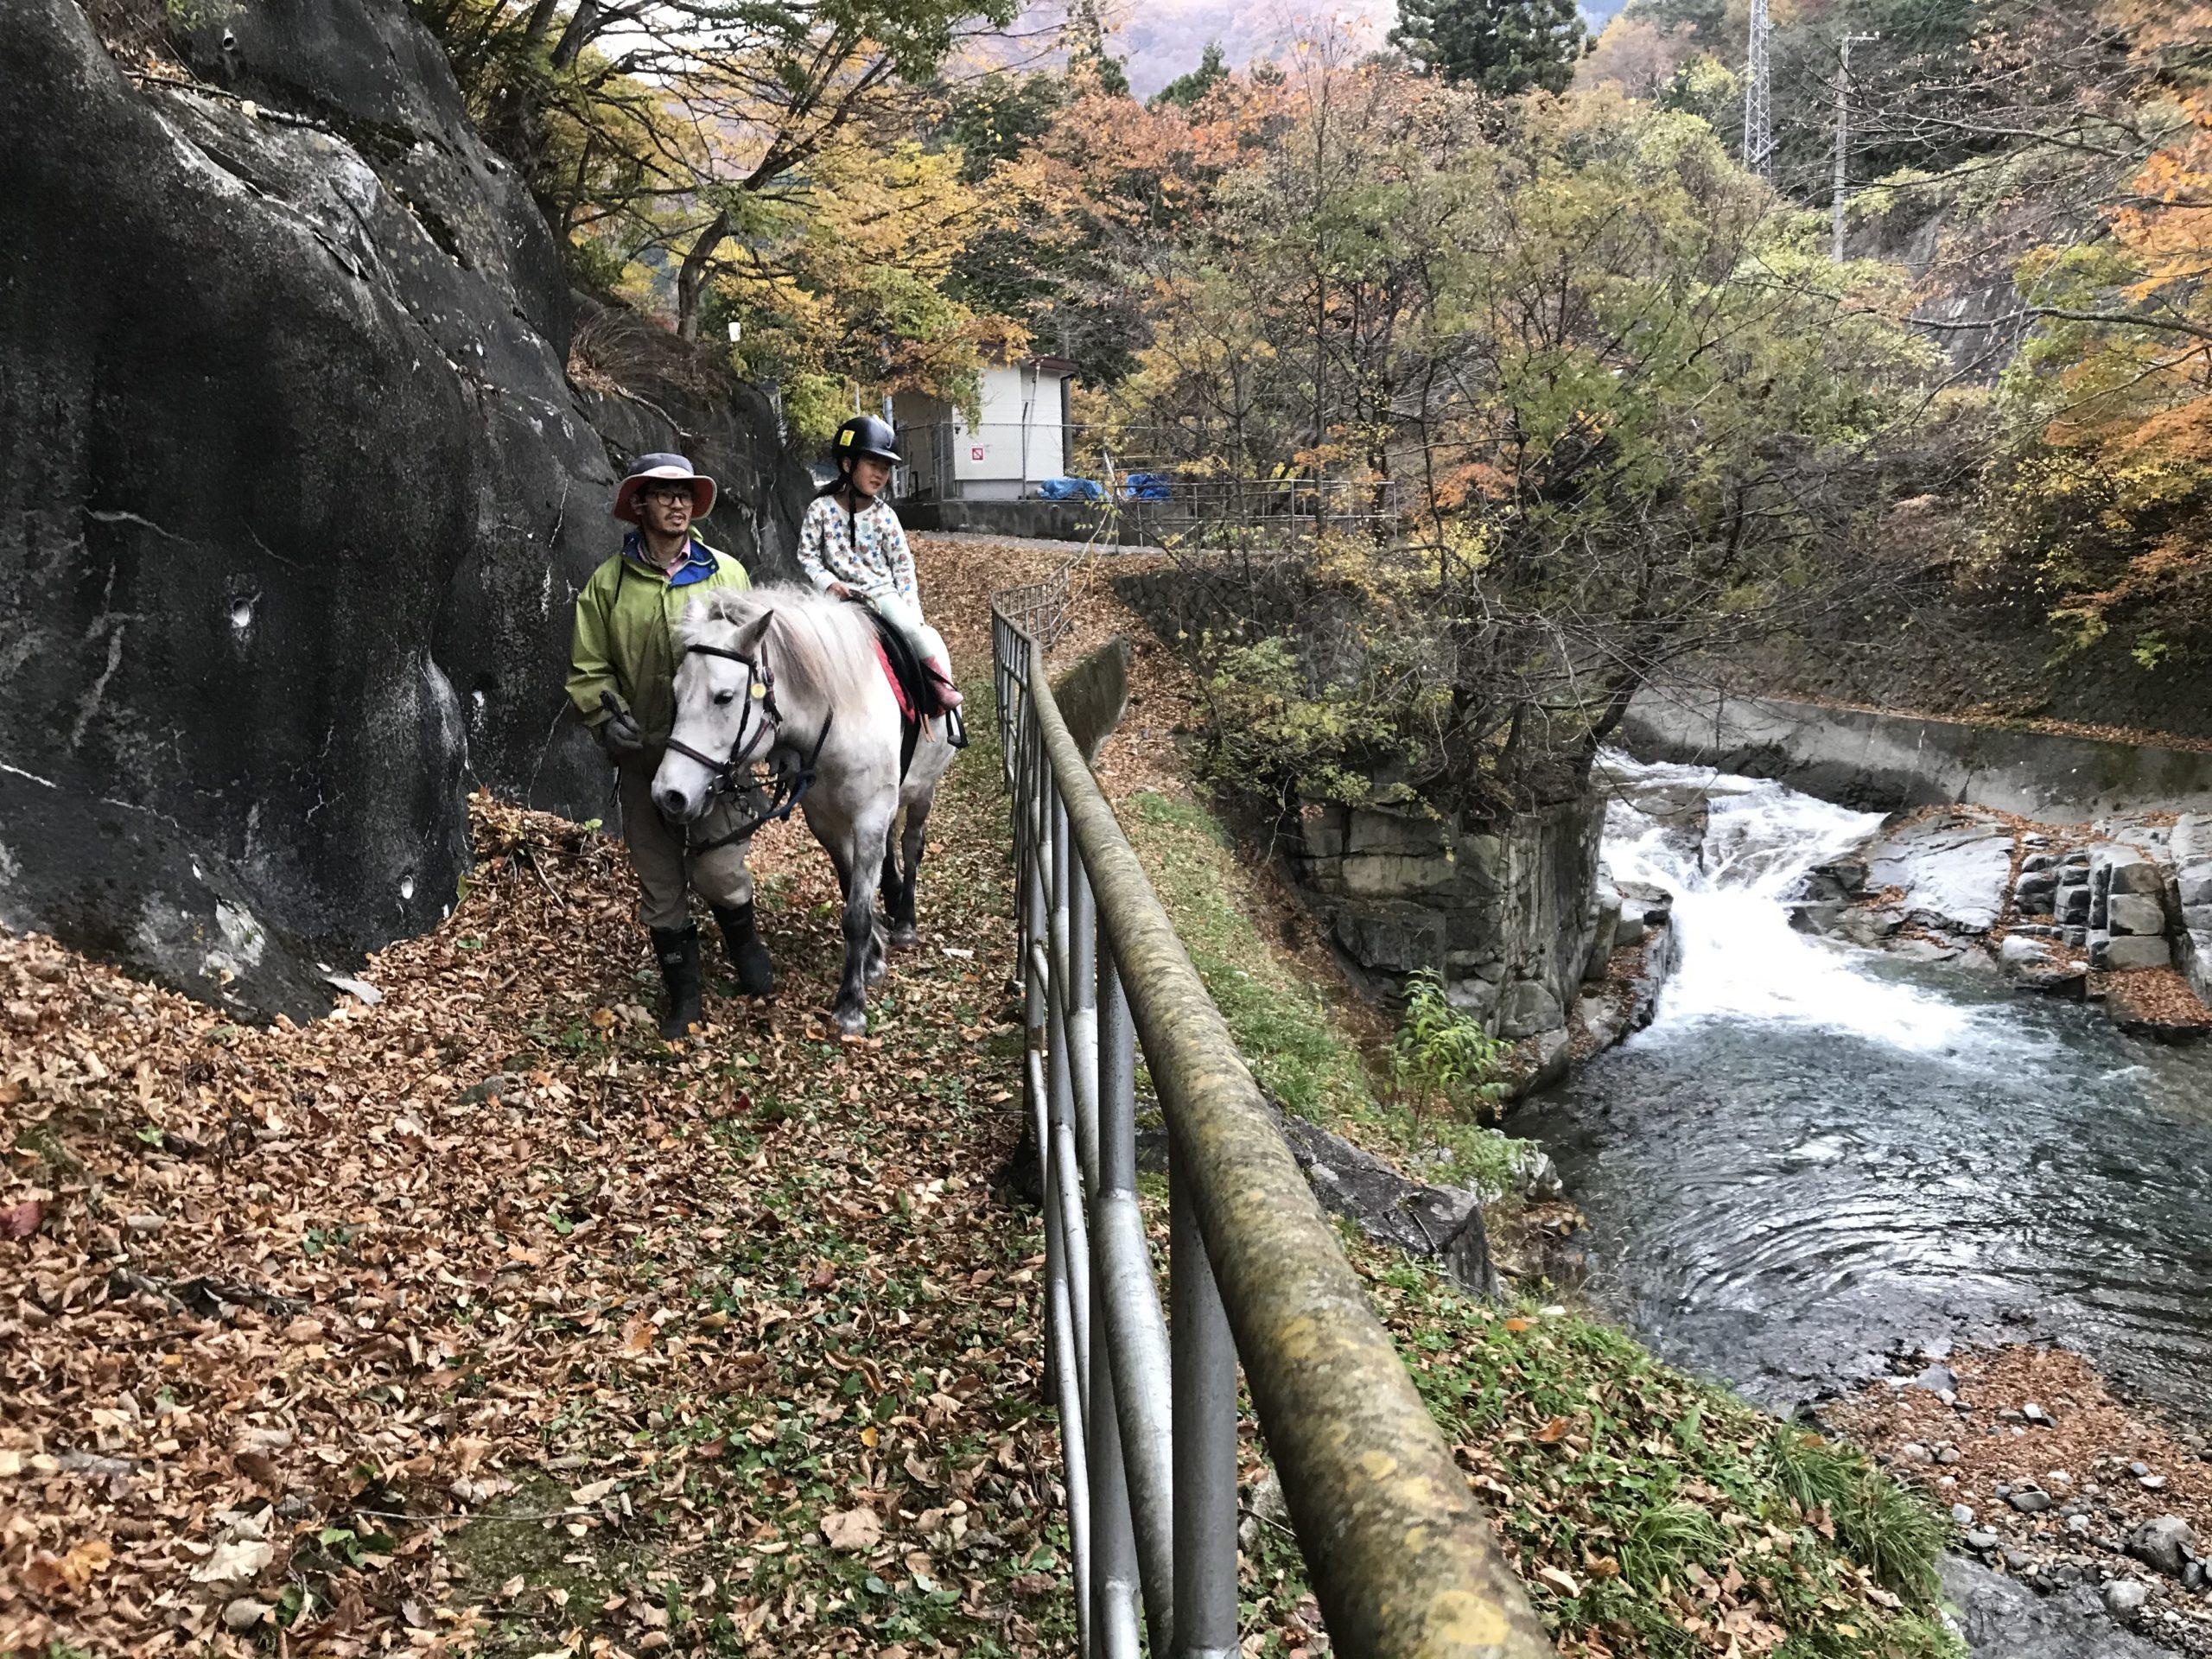 【終了】ホースセラピー講座「馬の暮らし型セラピー勉強会」 12/15(火)